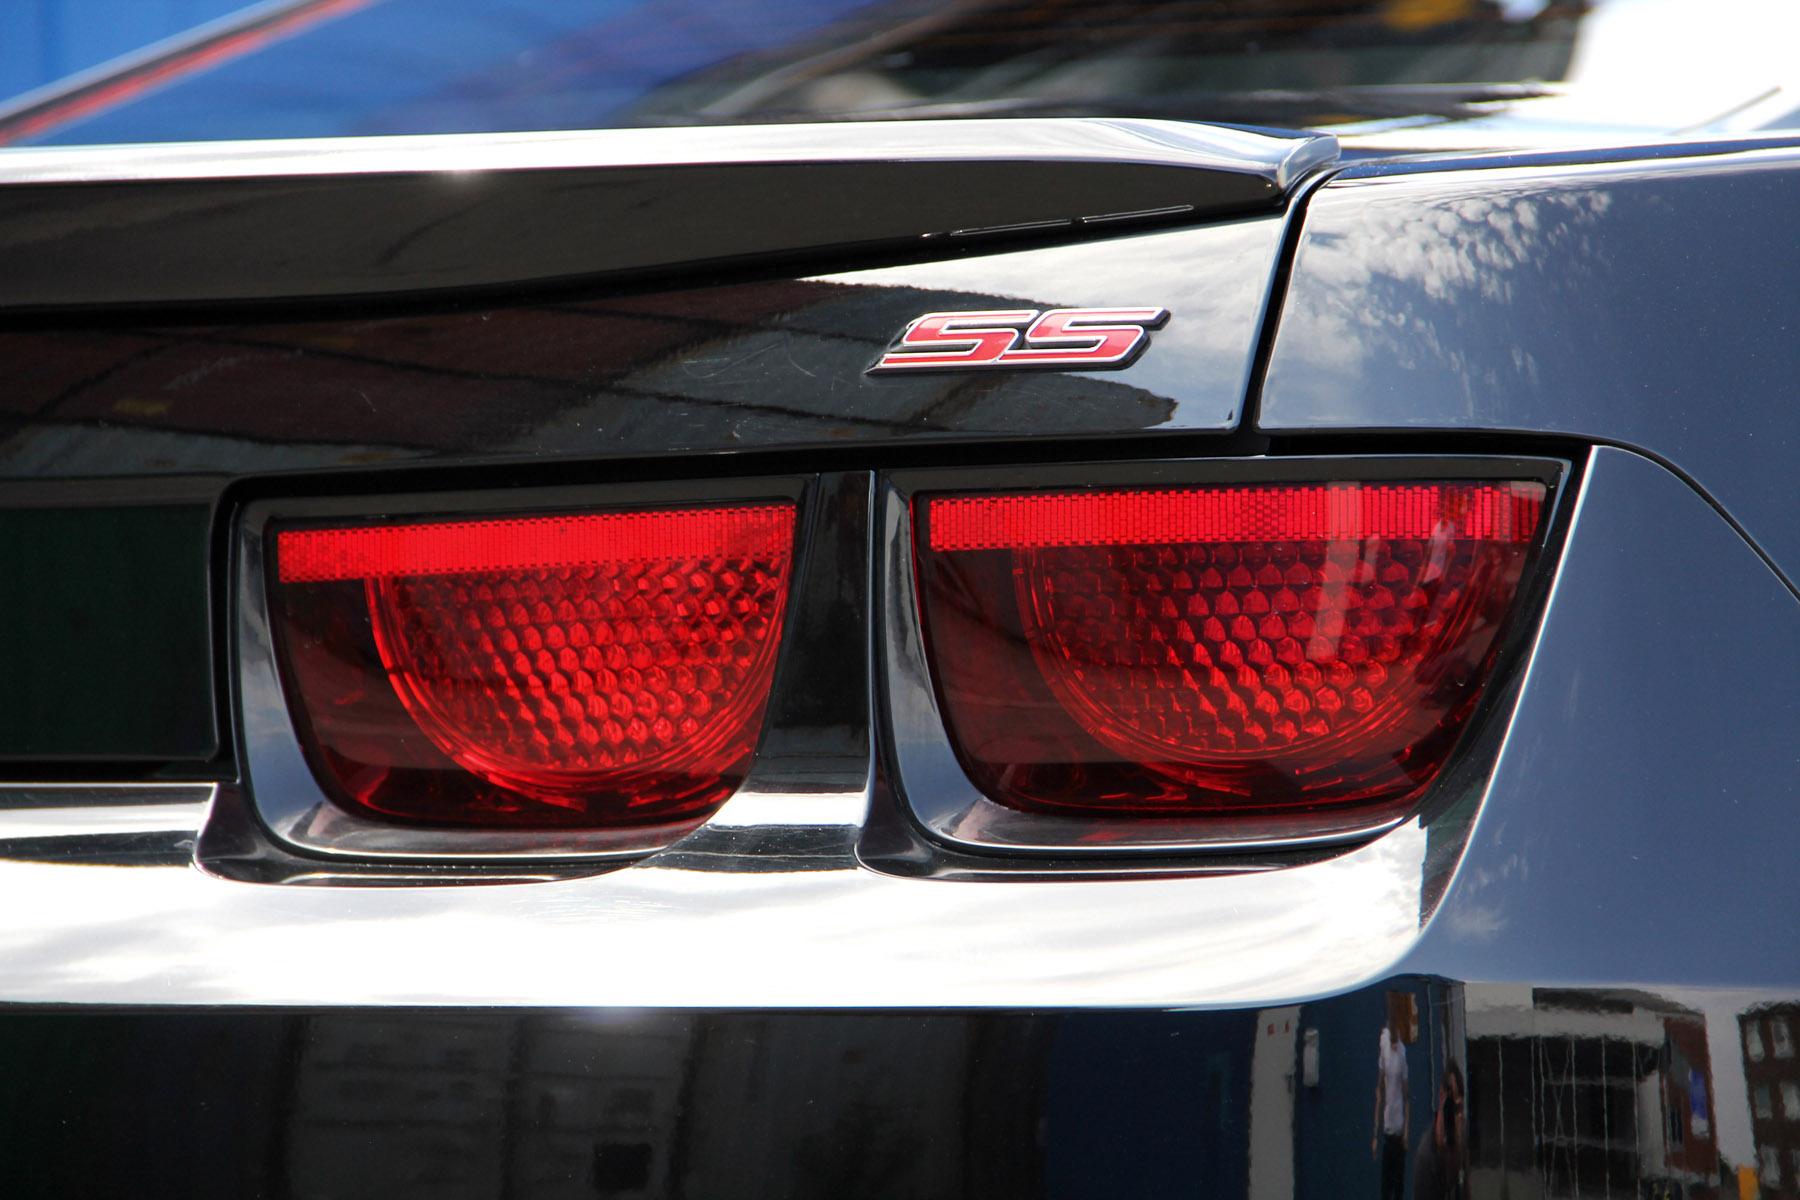 2014 DD Customs Chevrolet Camaro SS